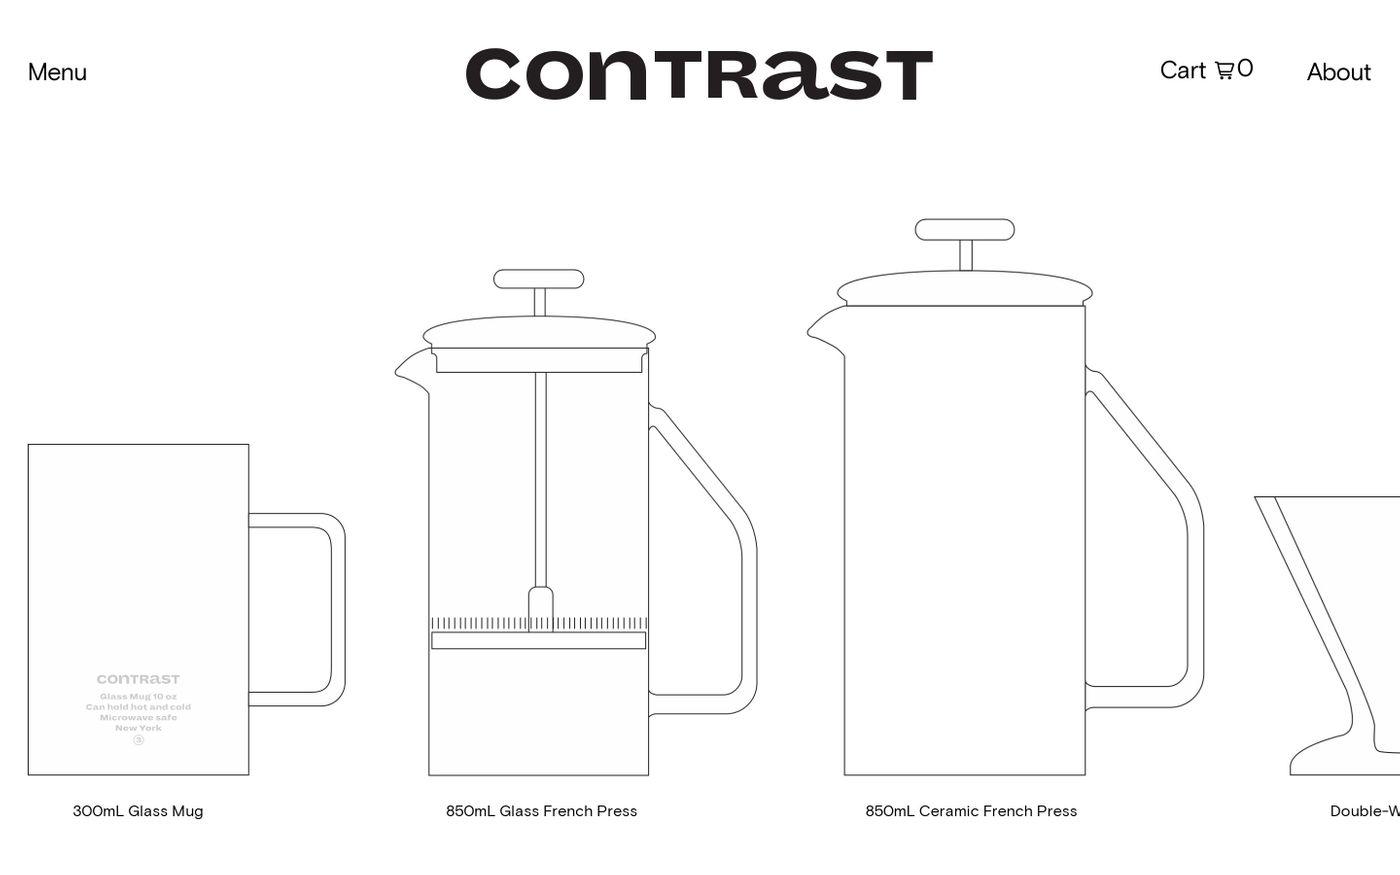 Screenshot of Contrast website